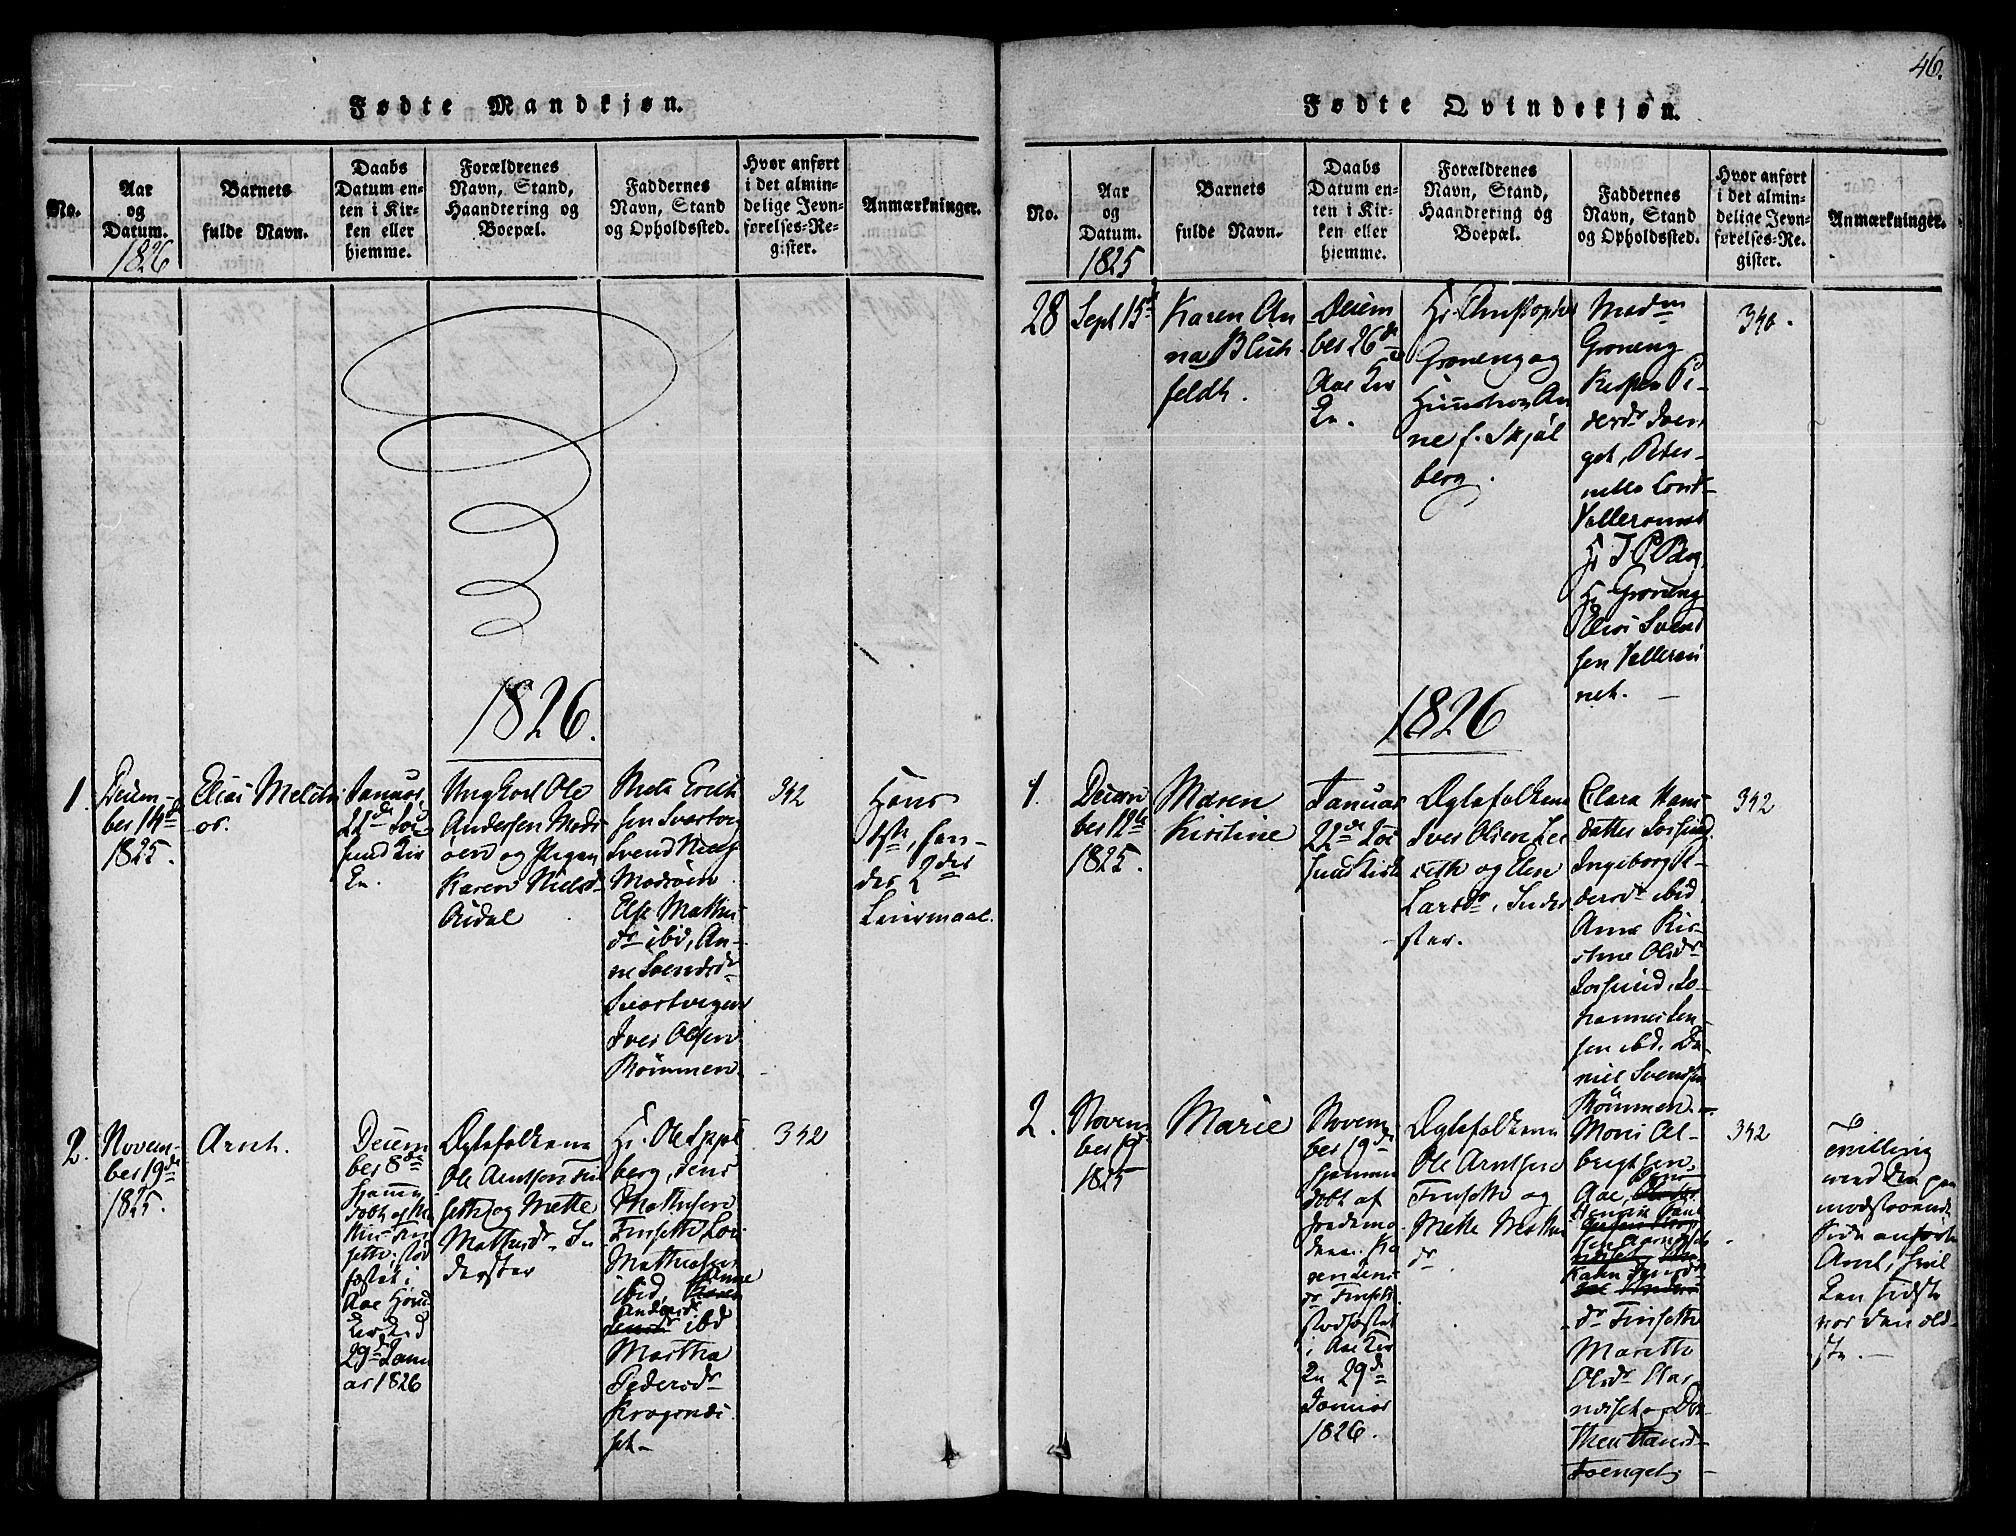 SAT, Ministerialprotokoller, klokkerbøker og fødselsregistre - Sør-Trøndelag, 655/L0675: Ministerialbok nr. 655A04, 1818-1830, s. 46